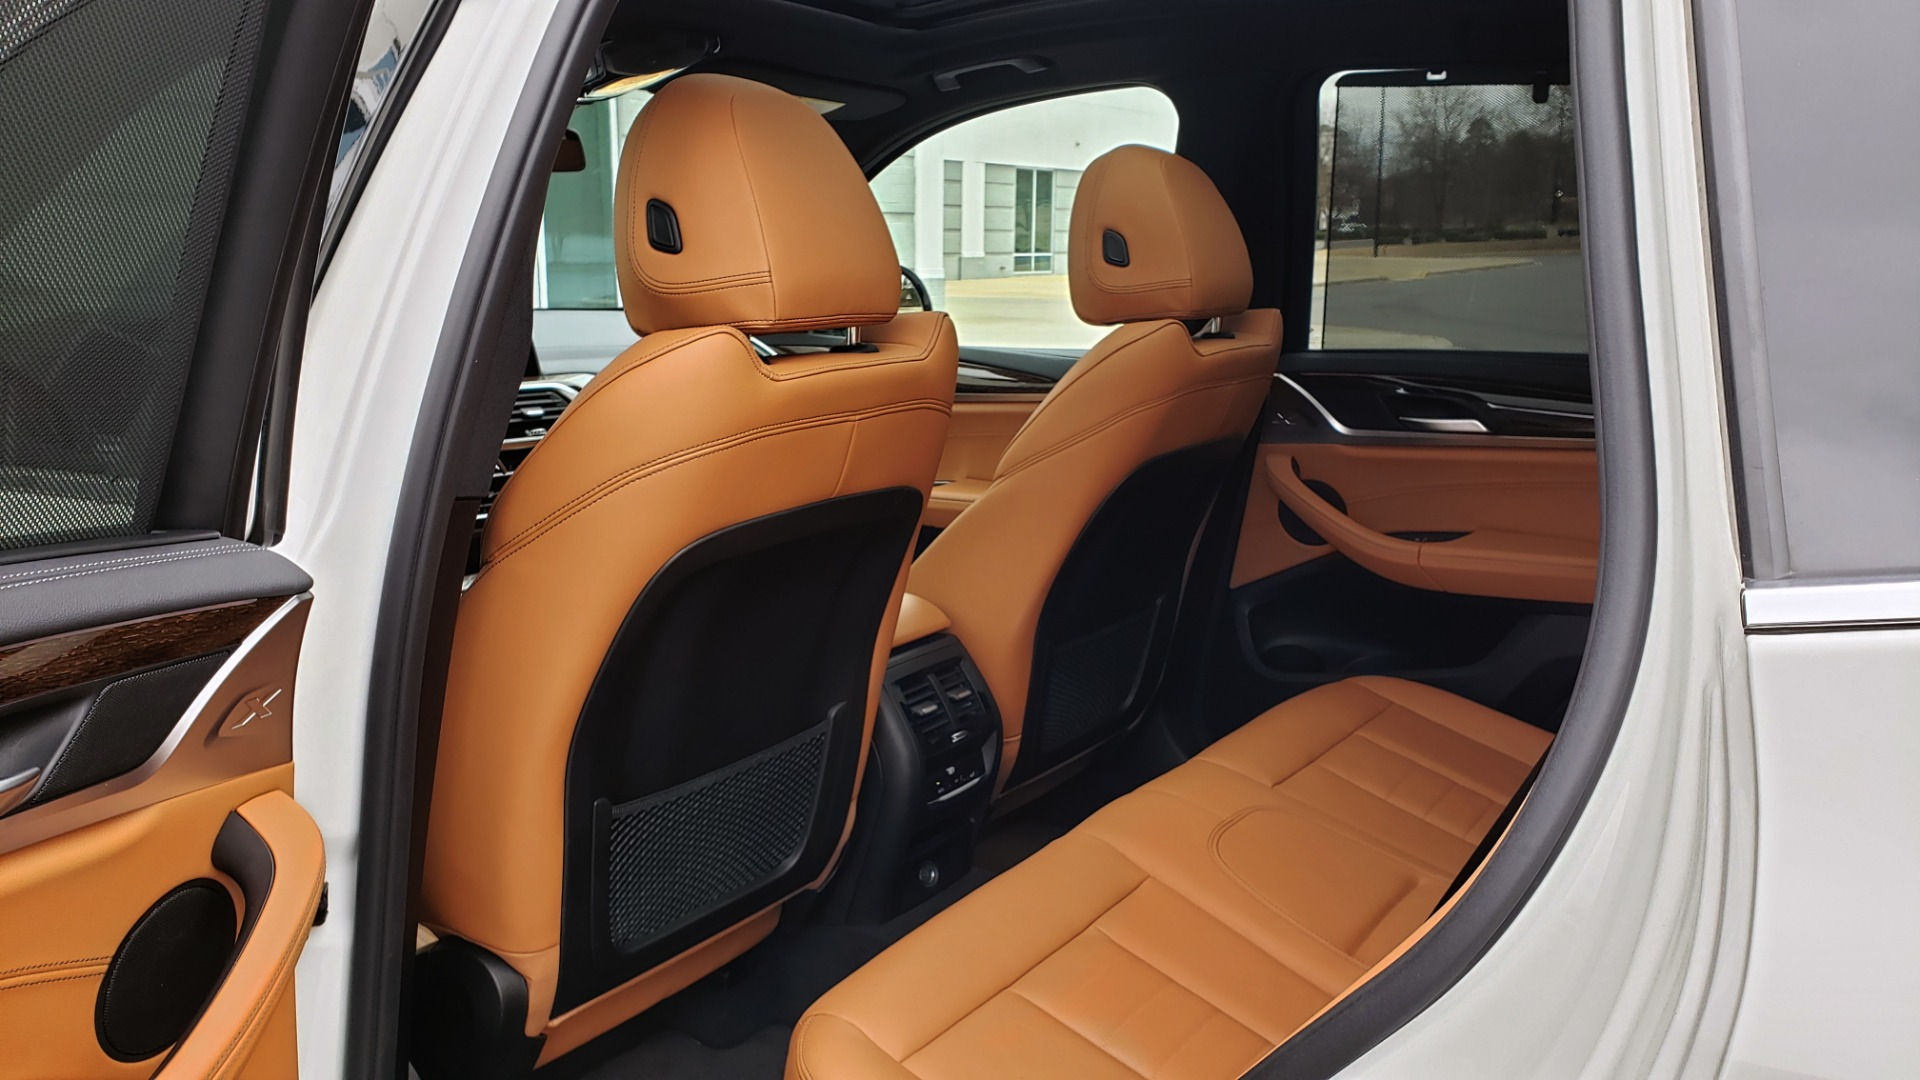 Used 2018 BMW X3 XDRIVE30I / LUX PKG / PREM PKG / CONV PKG / PDC / APPLE CARPLAY for sale Sold at Formula Imports in Charlotte NC 28227 64